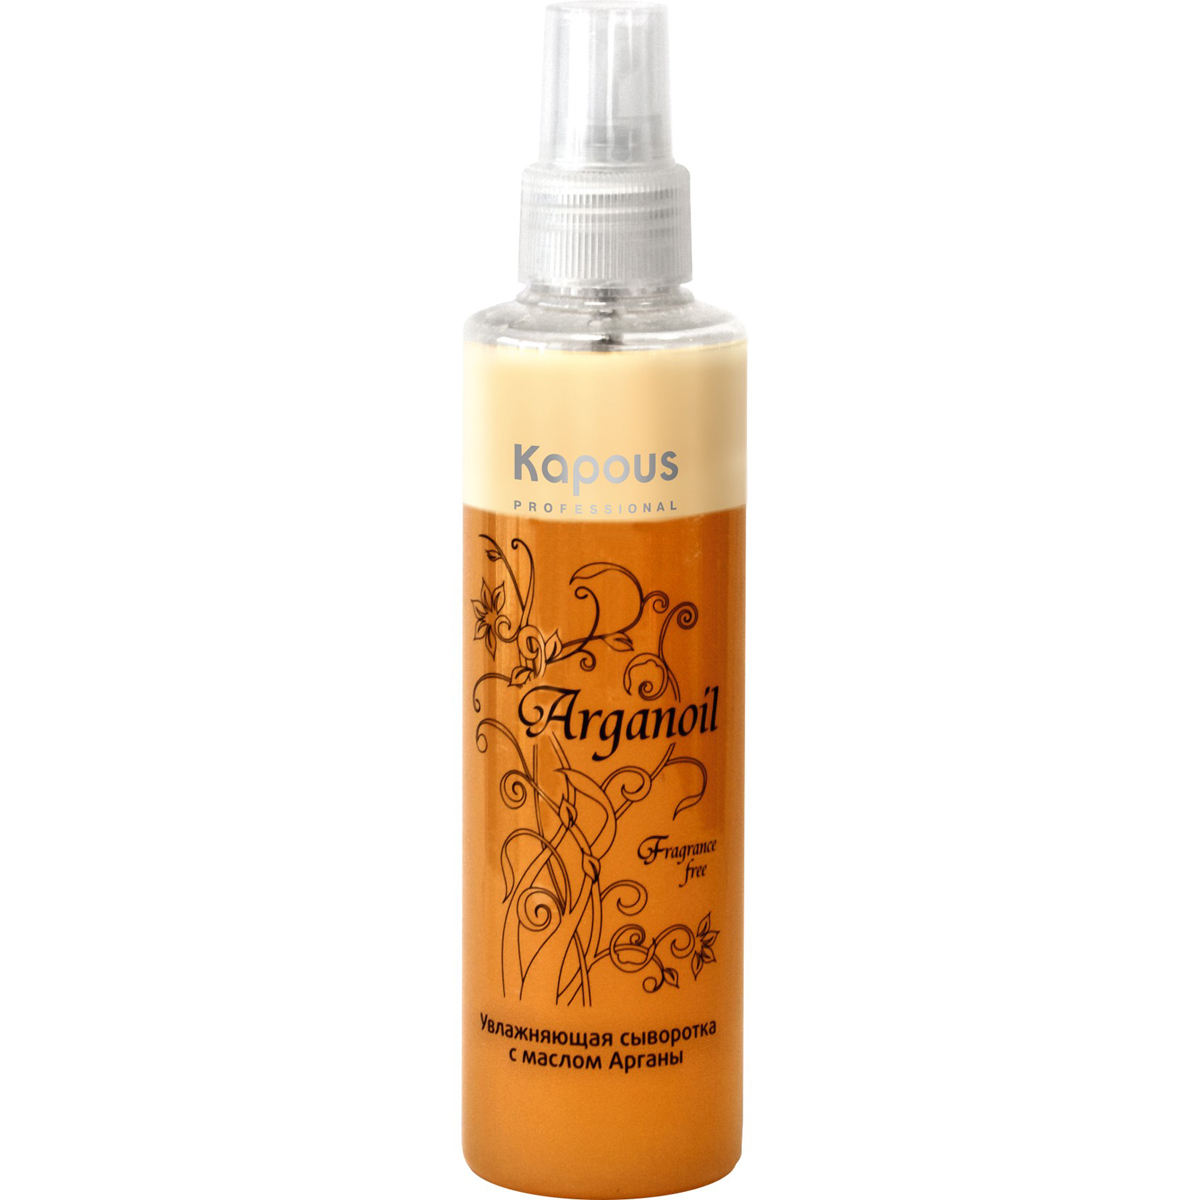 Kapous Увлажняющая сыворотка с маслом арганы Arganoil 200 млFS-54100Двухфазная сыворотка Kapous Arganoil на основе масла Арганы, кератина и молочной аминокислоты разработана специально для увлажнения и восстановления волос всех типов. Новая формула эффективно защищает волосы от негативного воздействия агрессивных факторов внешней среды, обеспечивая интенсивное увлажнение.Масло Арганы богато полиненасыщенными жирными кислотами, которые оказывают продолжительный увлажняющий эффект и укрепляют волосы, делая их более эластичными и блестящими. Природные антиоксиданты(полифенолы и токоферолы) защищают волосы от воздействия свободных радикалов, витамины А и Е стимулируют усиленную регенерацию клеток, реконструируют внутреннюю структуру, максимально напитывая волосы и возвращая эластичность и силу. Молочная аминокислота способствует процессам регенерации и обновлению клеток кожи и является регулятором гидробаланса кожи головы и волос. УФ-фильтры защищают волосы от негативного воздействия солнца, тем самым предотвращая преждевременное выгорание цвета, что сохраняет цвет окрашенных волос насыщенным.Результат: При регулярном применении сыворотка защищает волосы от ежедневного стресса, облегчает их расчесывание, делает их послушными, мягкими и здоровыми, придавая им сияющий блеск и многогранный цвет.Способ применения: Перед применением хорошо встряхнуть бутылку для смешения двух фаз и равномерно нанести небольшое количество сыворотки на вымытые, подсушенные полотенцем волосы, уделяя особое внимание наиболее поврежденным участкам, не смывать. Предназначена для использования после каждого мытья. Допускается наносить на сухие волосы.